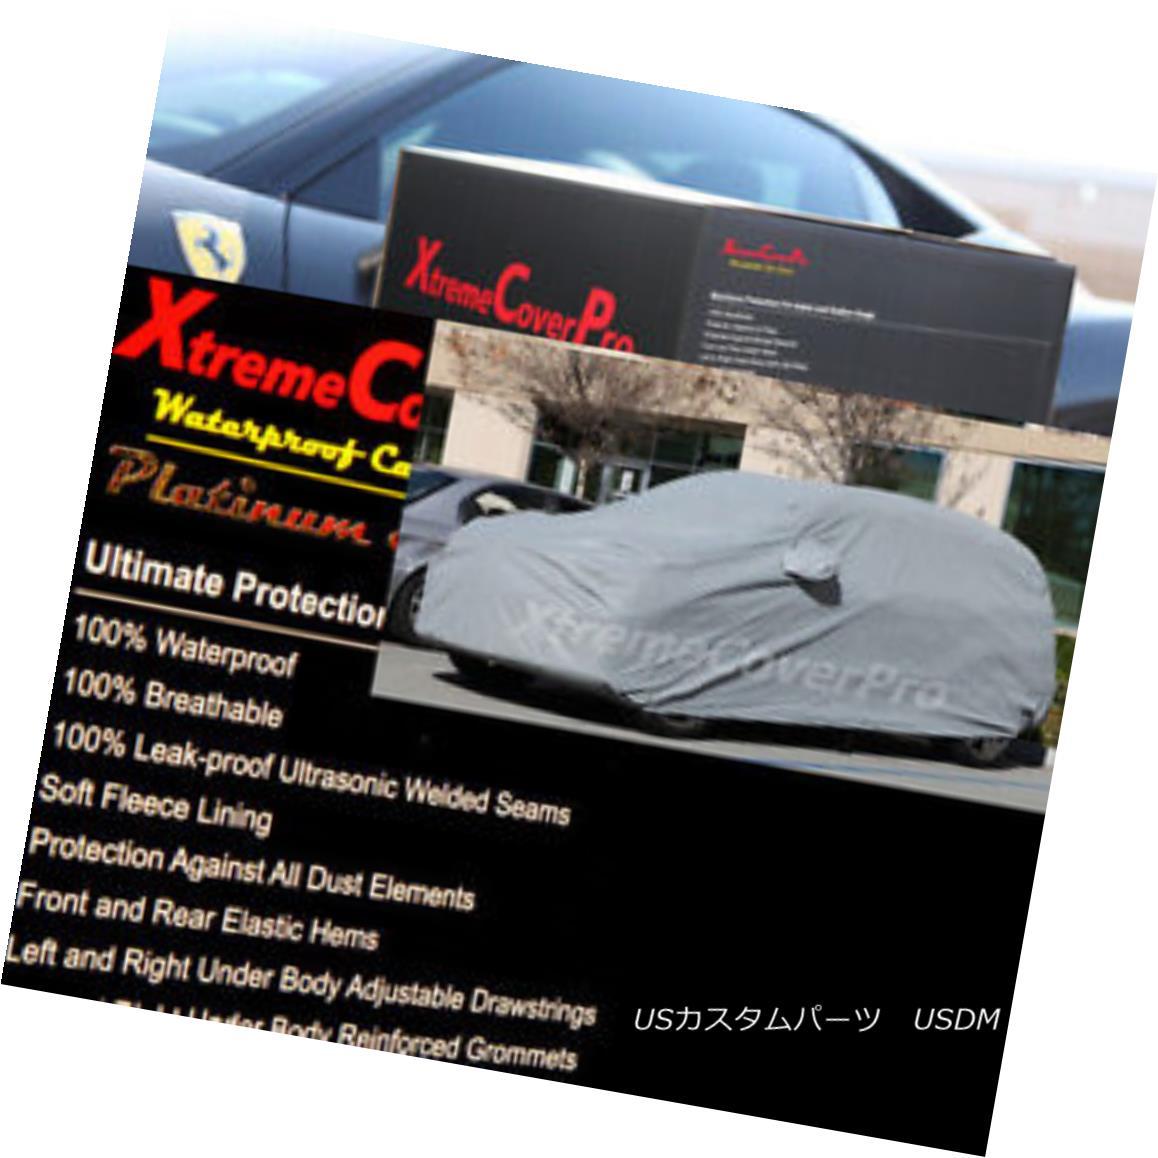 カーカバー 2000 2001 2002 Ford Excursion Waterproof Car Cover w/MirrorPocket 2000 2001 2002フォードエクスカーション防水カーカバー付き(MirrorPocket)